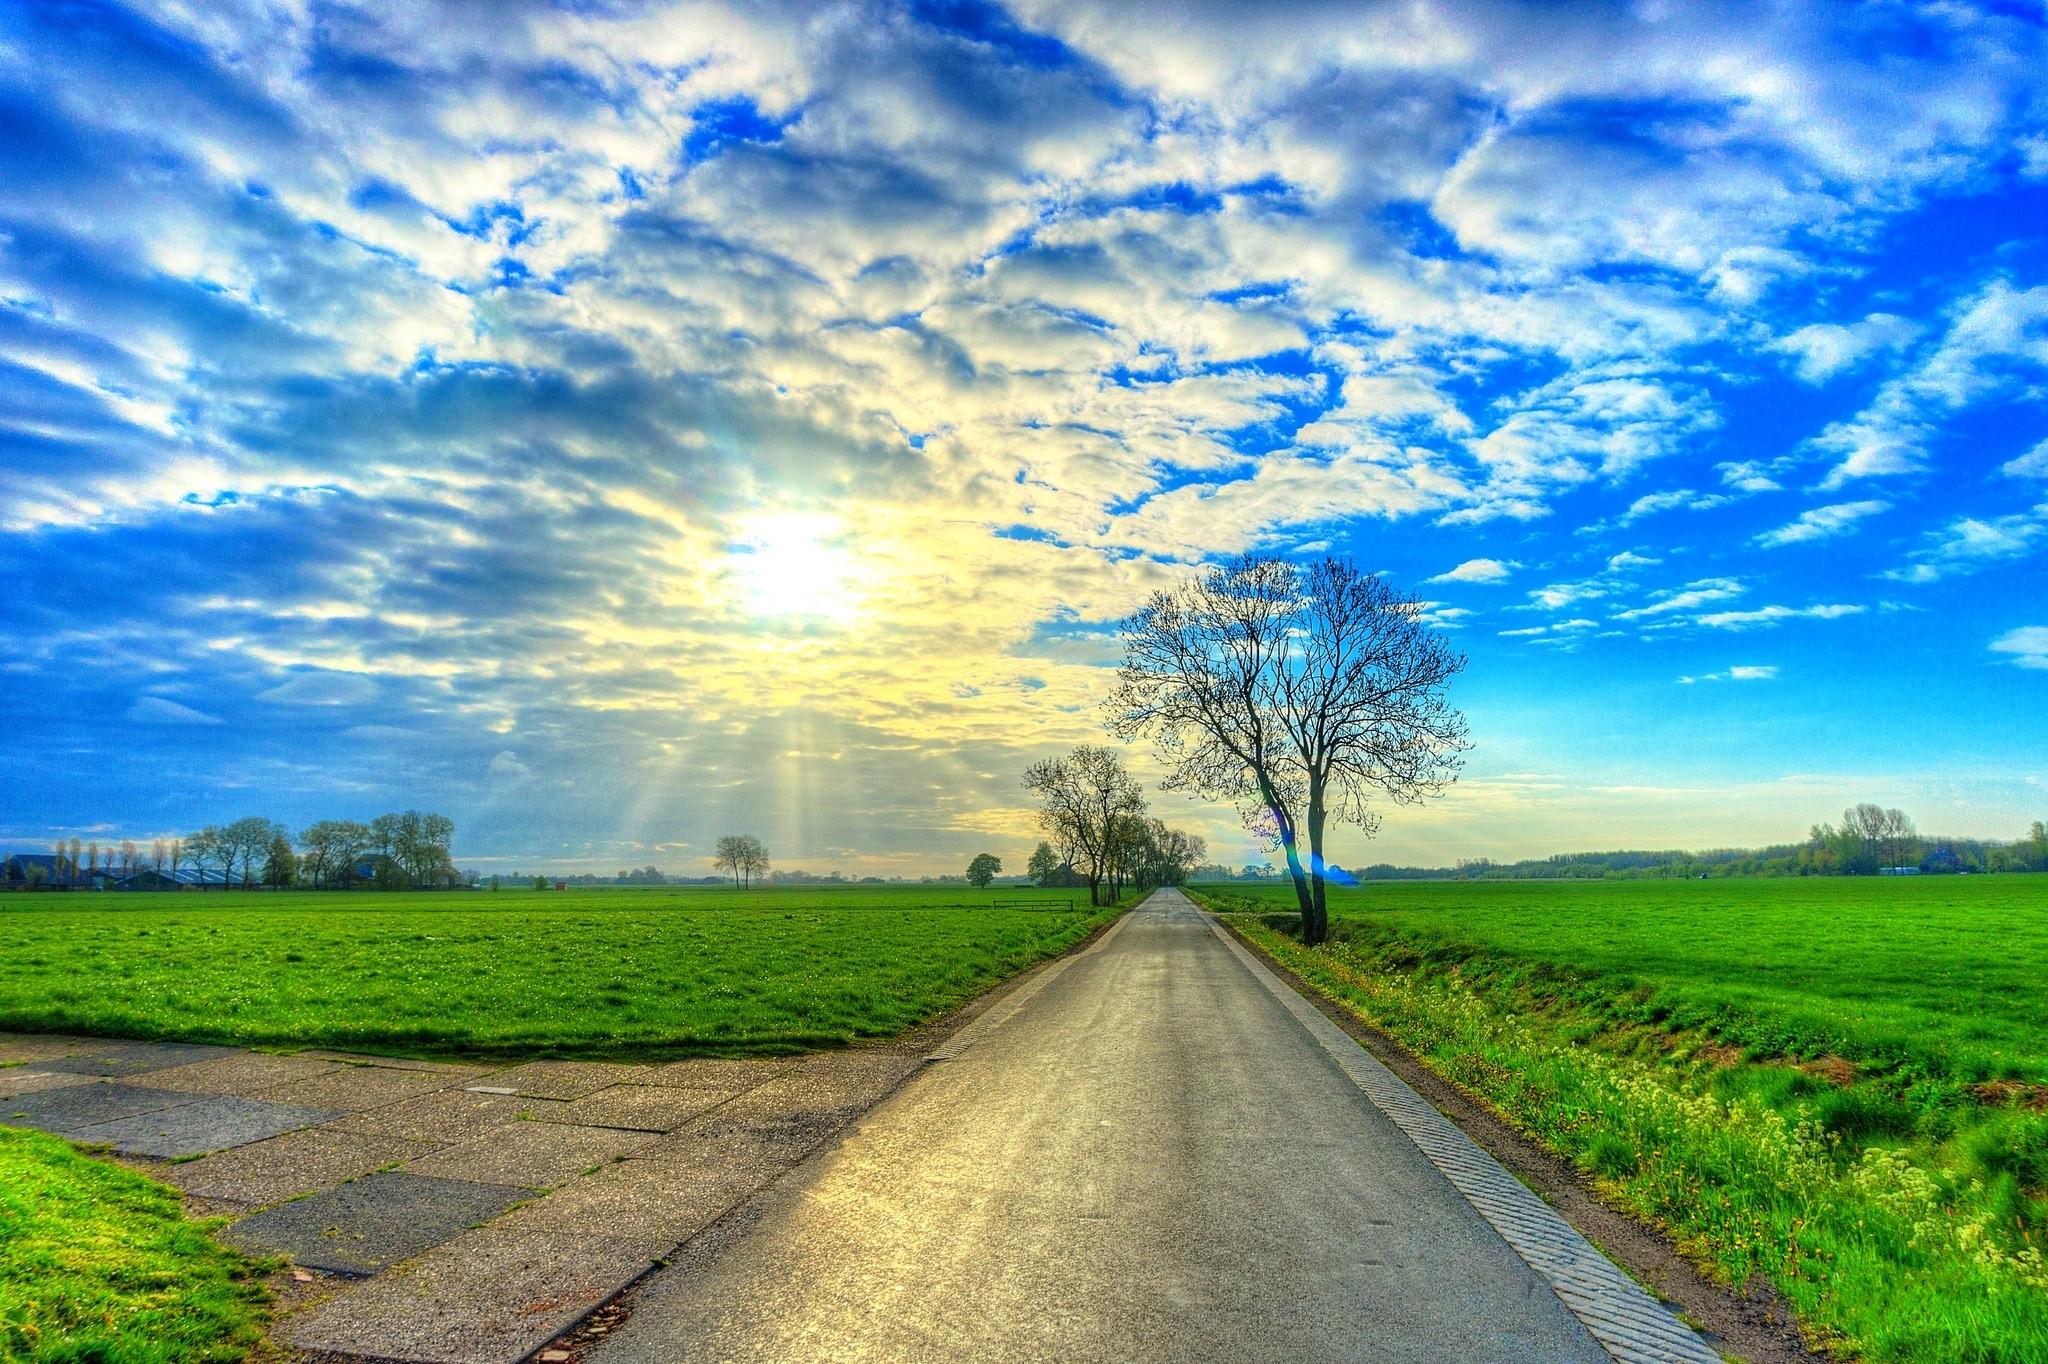 солнечный путь картинки едешь